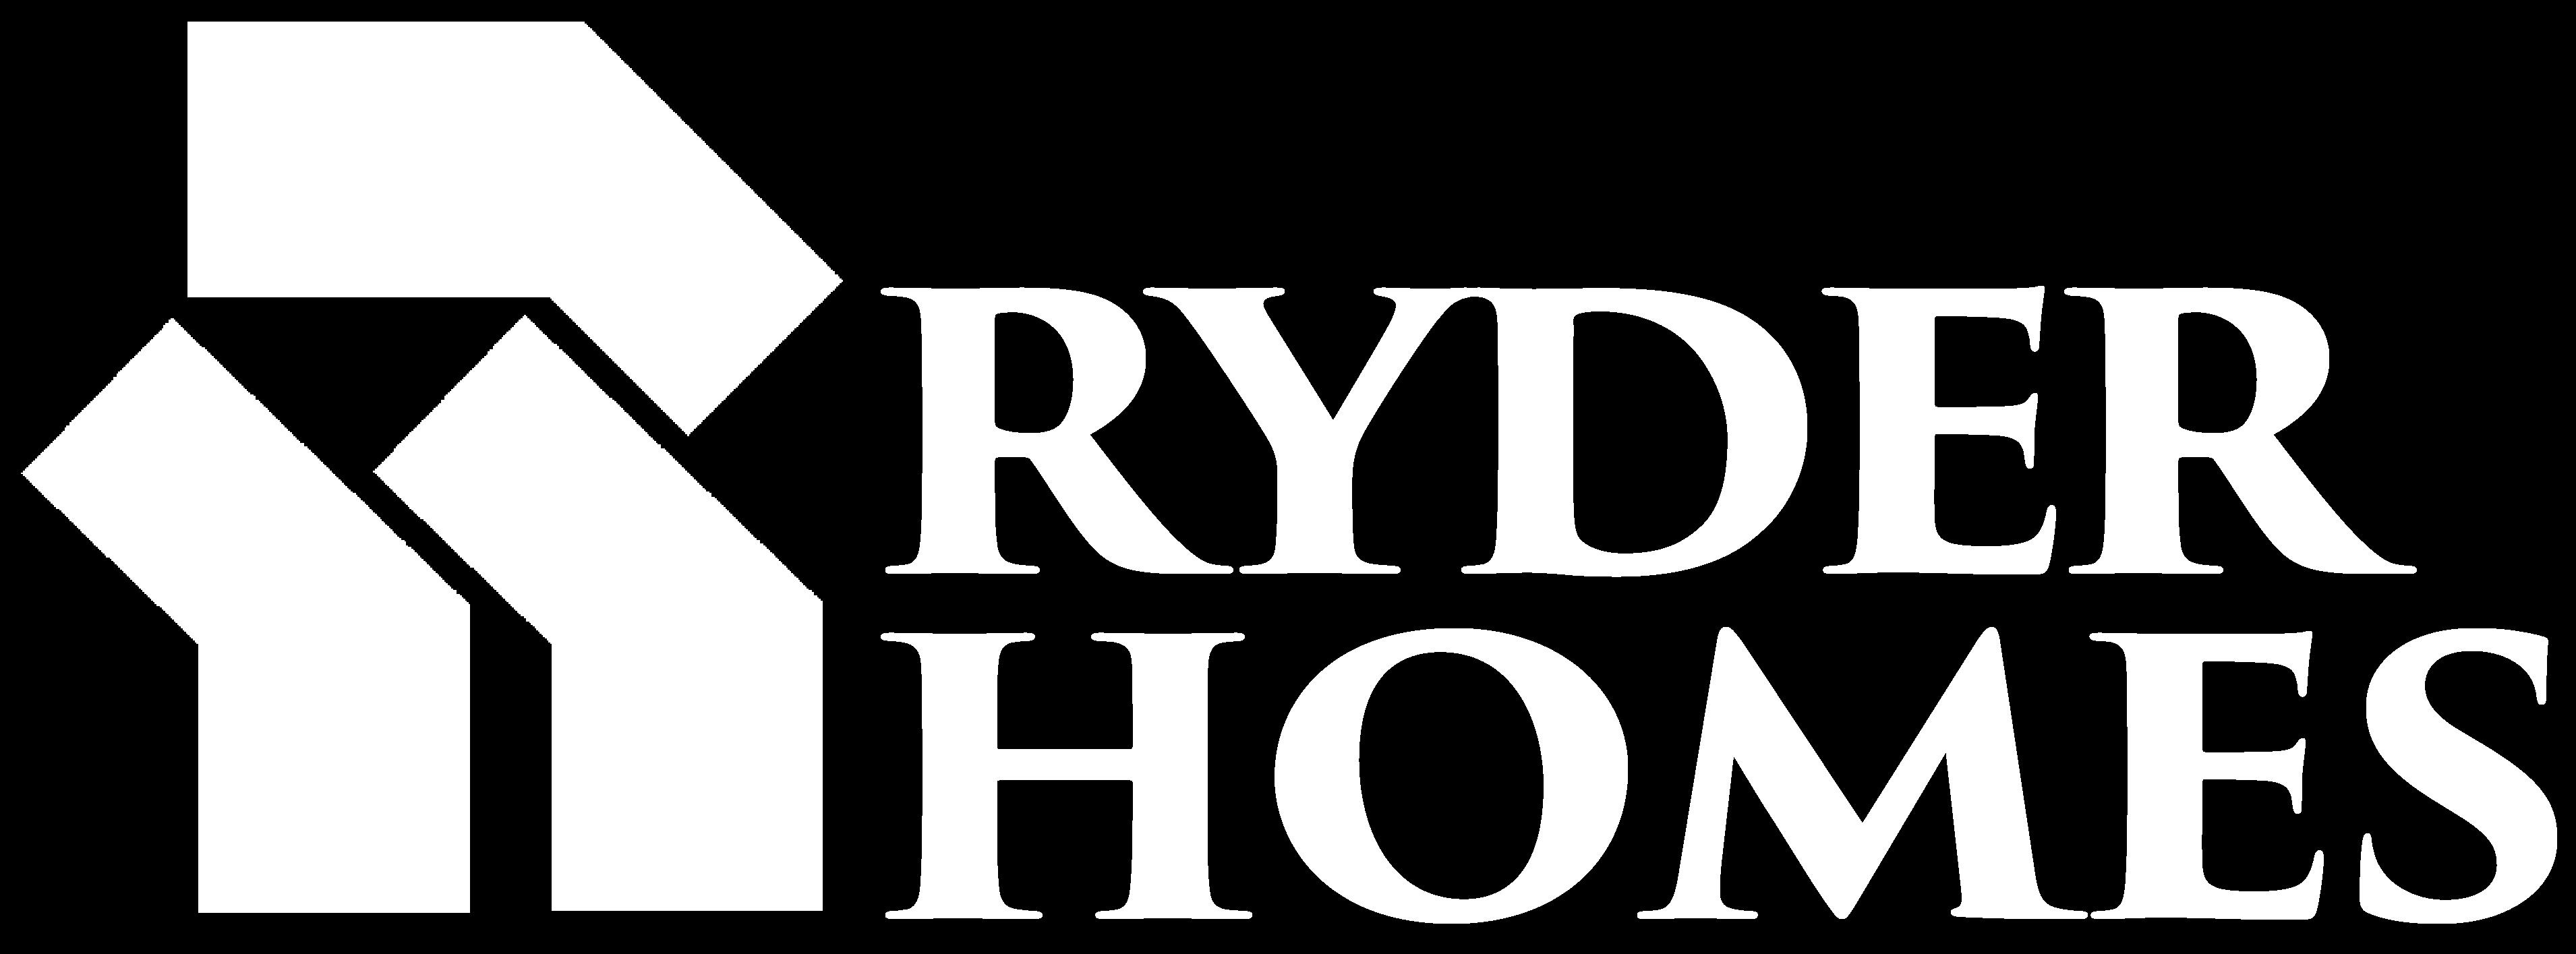 RyderHomesLogo_FFFFFF.png